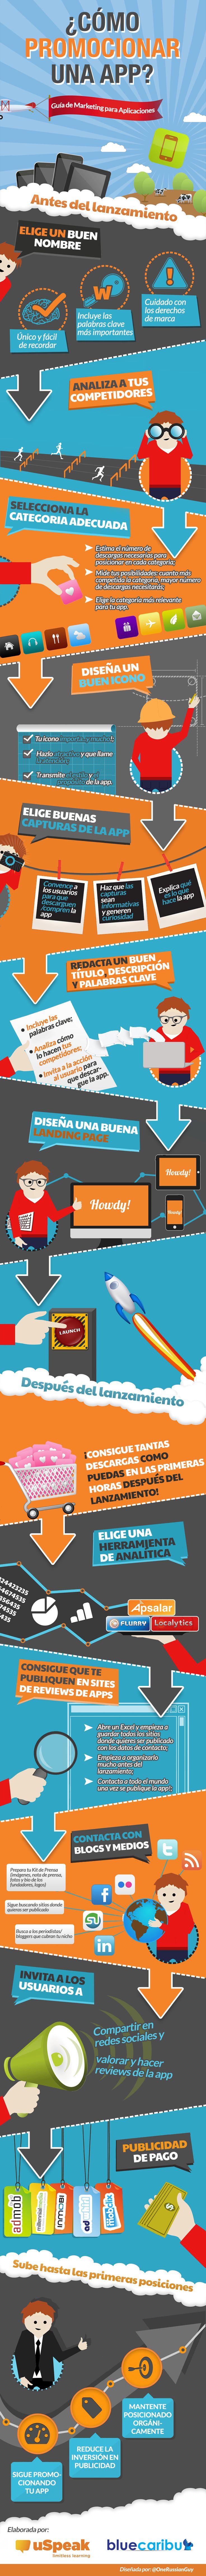 Cómo promocionar una aplicación para móviles #infografía en español